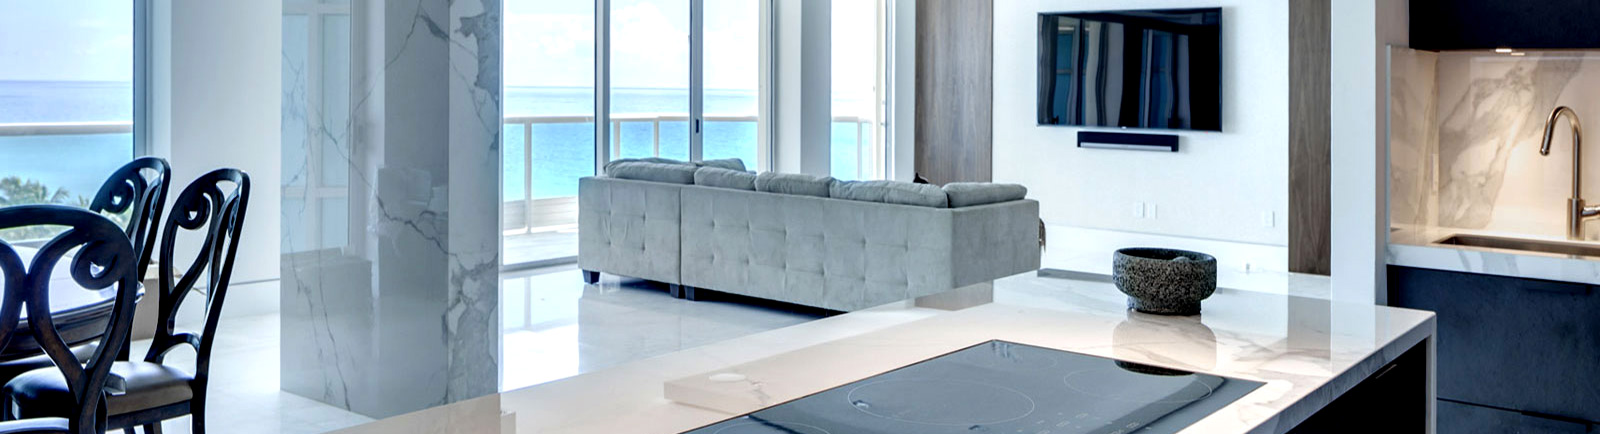 plan de travail en cramique avis fidelem le spcialiste du plan de travail stratifi sur mesure. Black Bedroom Furniture Sets. Home Design Ideas